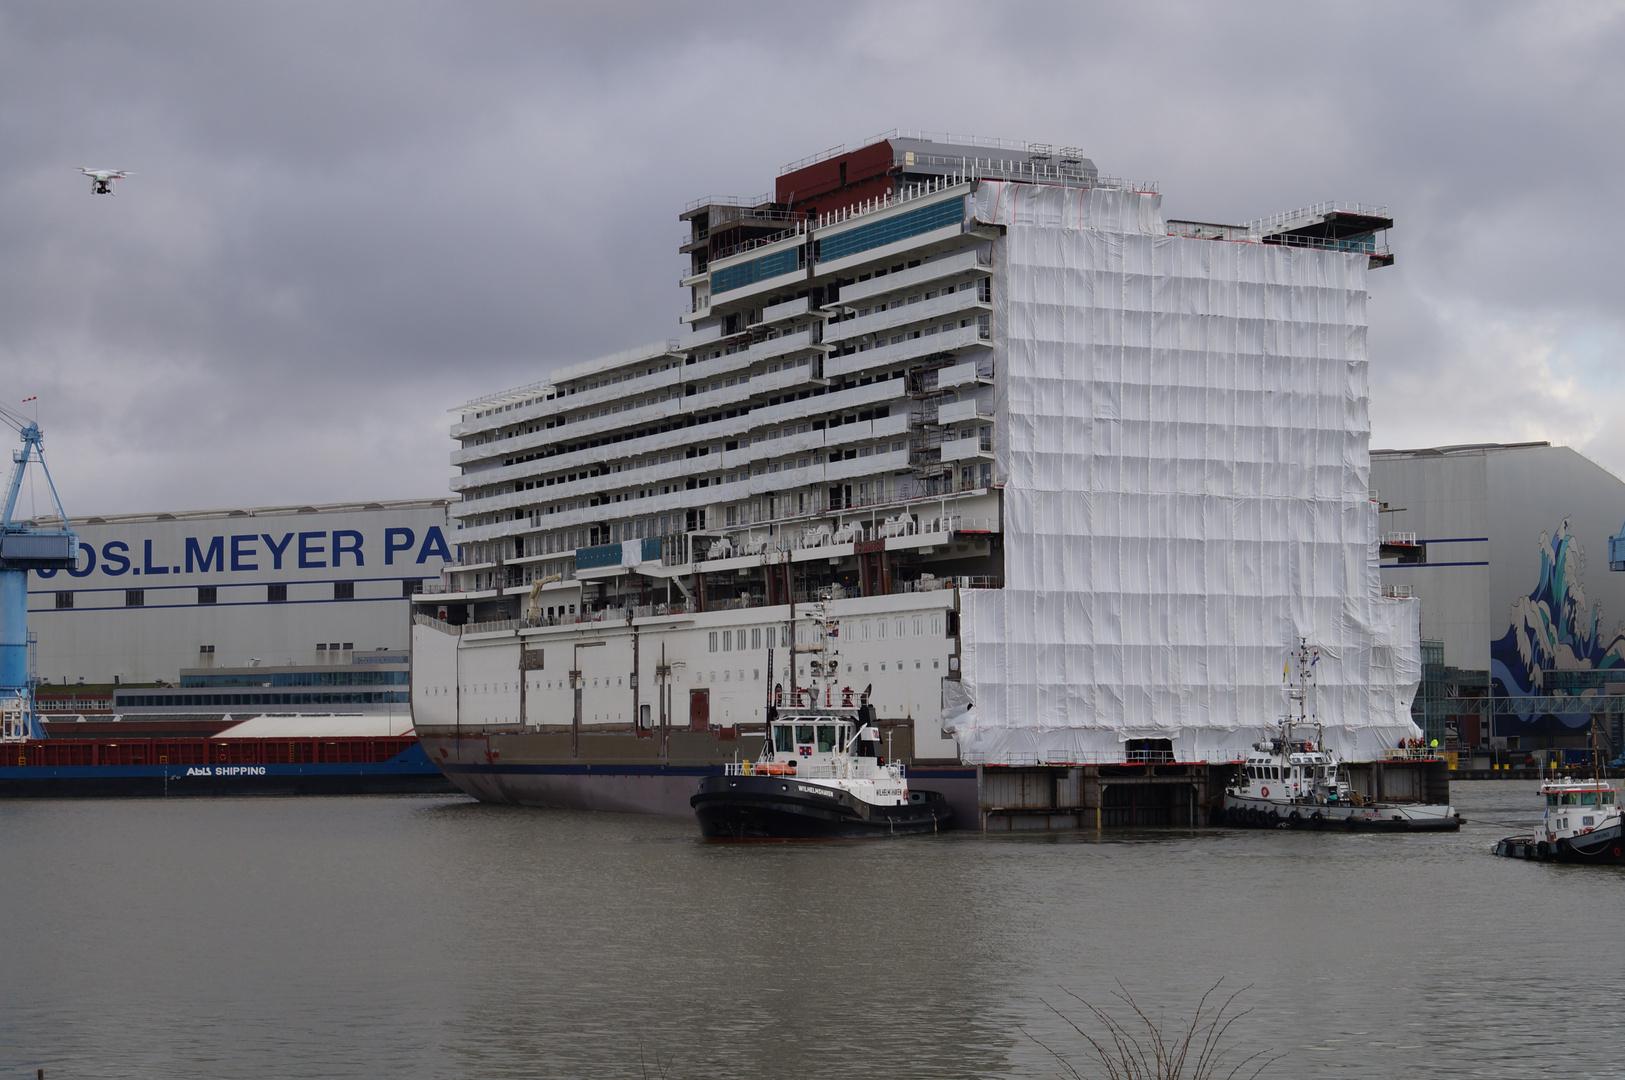 Ausdocken auf der Meyer Werft Teil 19